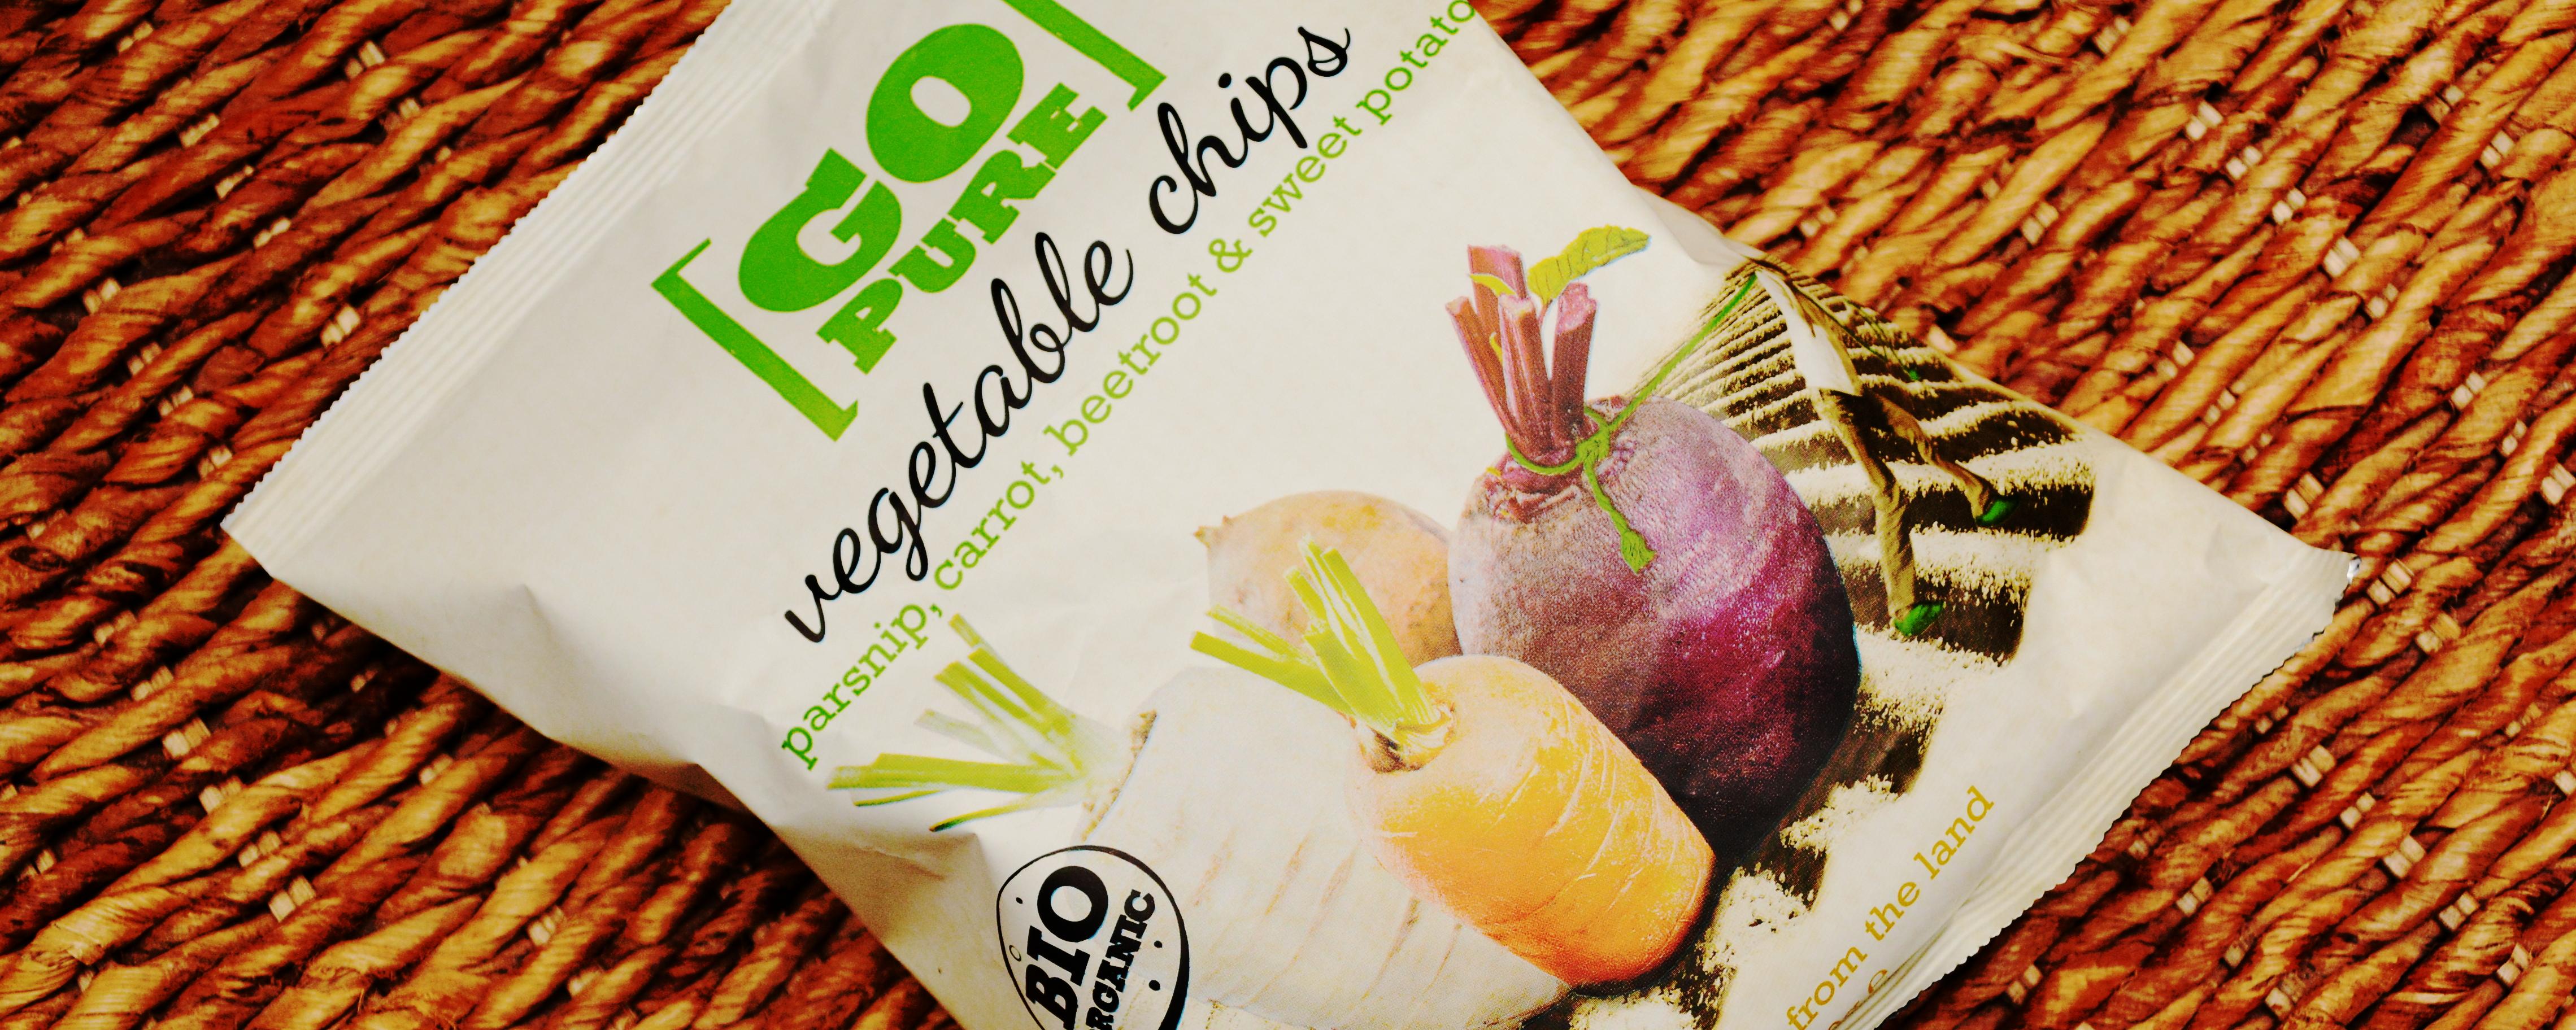 So sieht die Verpackung der Go-Pure-Gemüse-Chips aus.